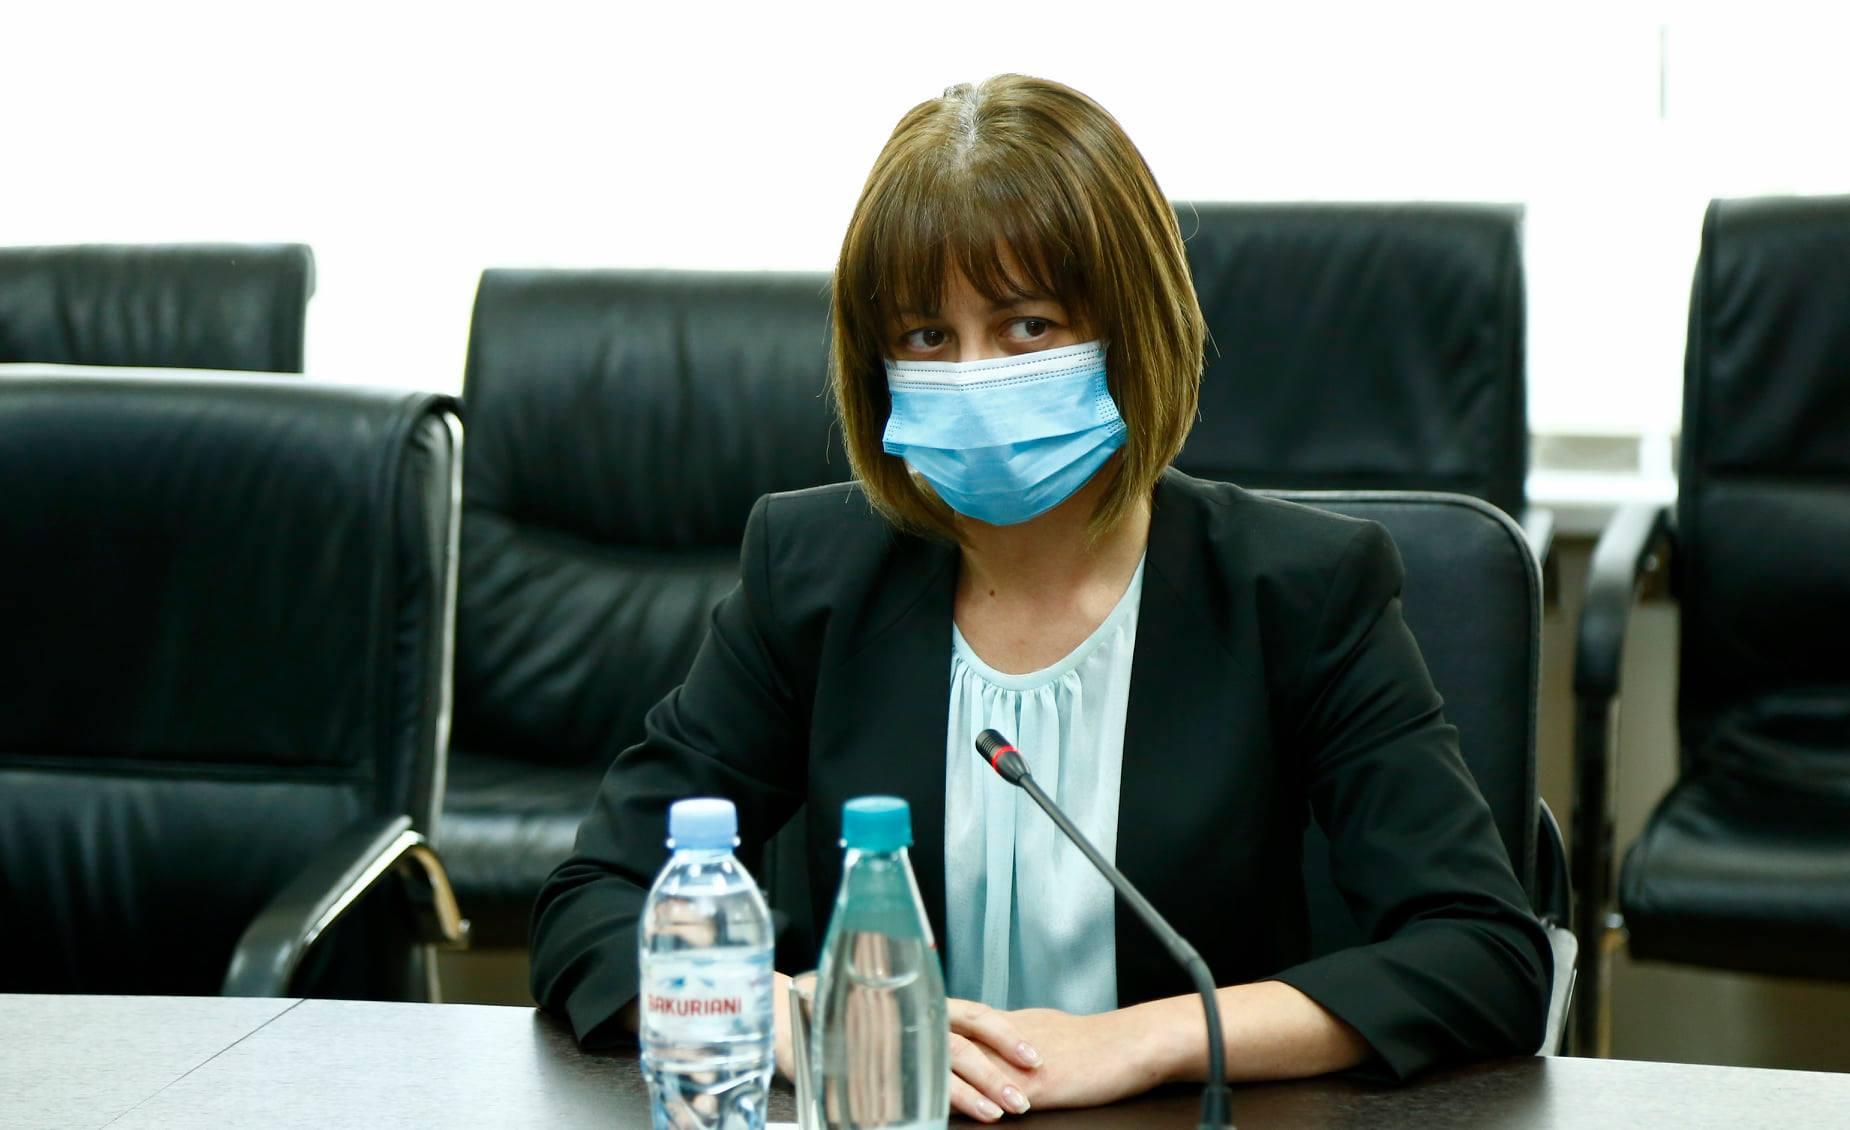 ლიდერობს თბილისი, აჭარა და იმერეთის რამდენიმე მუნიციპალიტეტი-ჯანდაცვის მინისტრი ვაქცინაციაზე